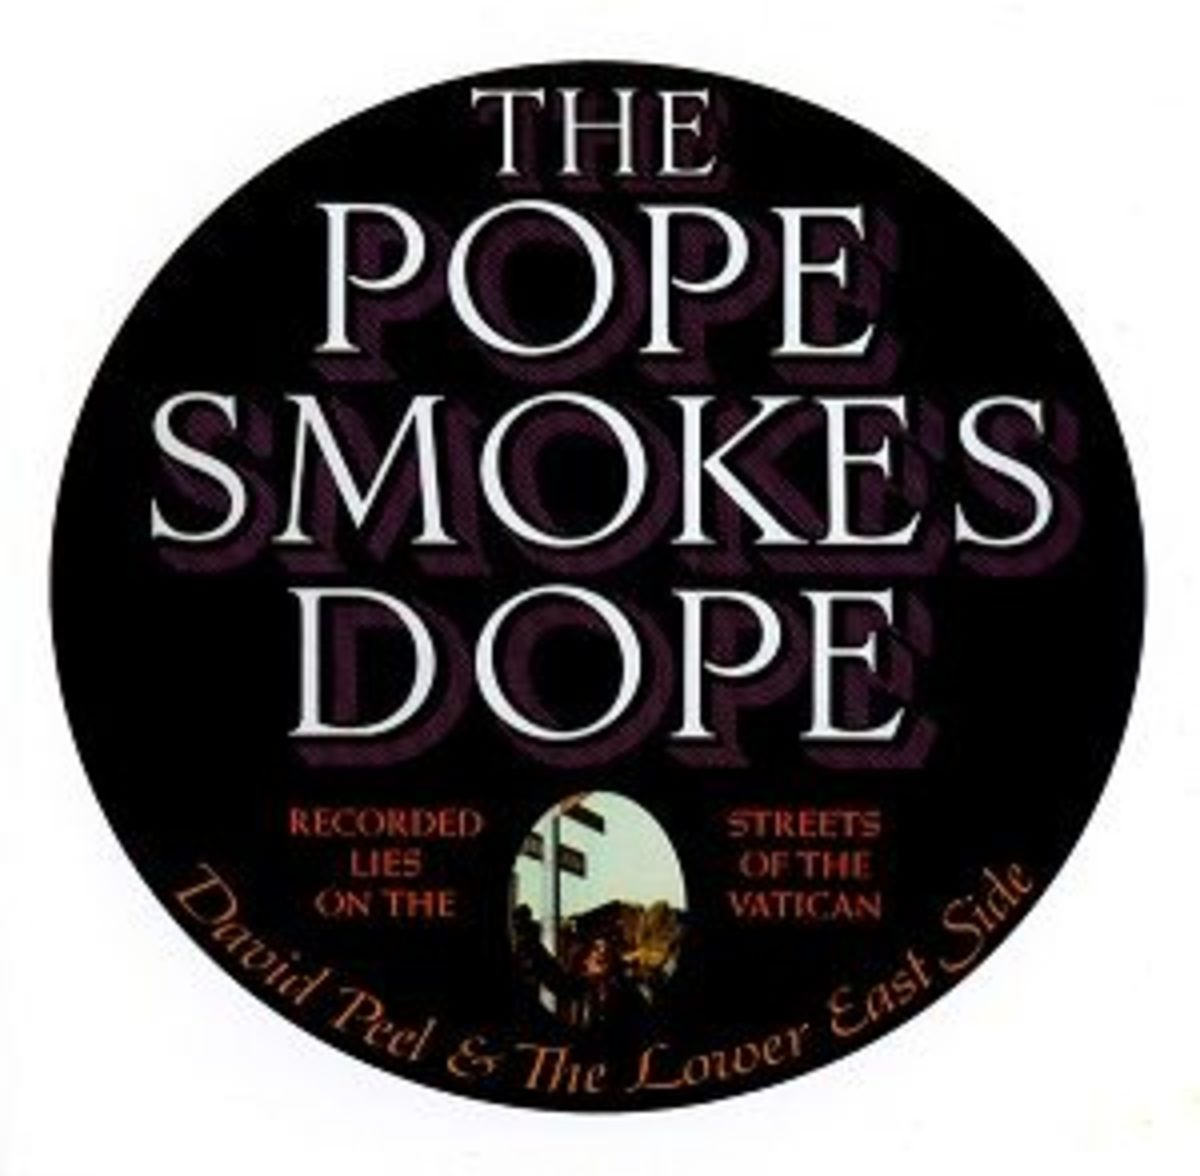 David_Peel_-_The_Pope_Smokes_Dope